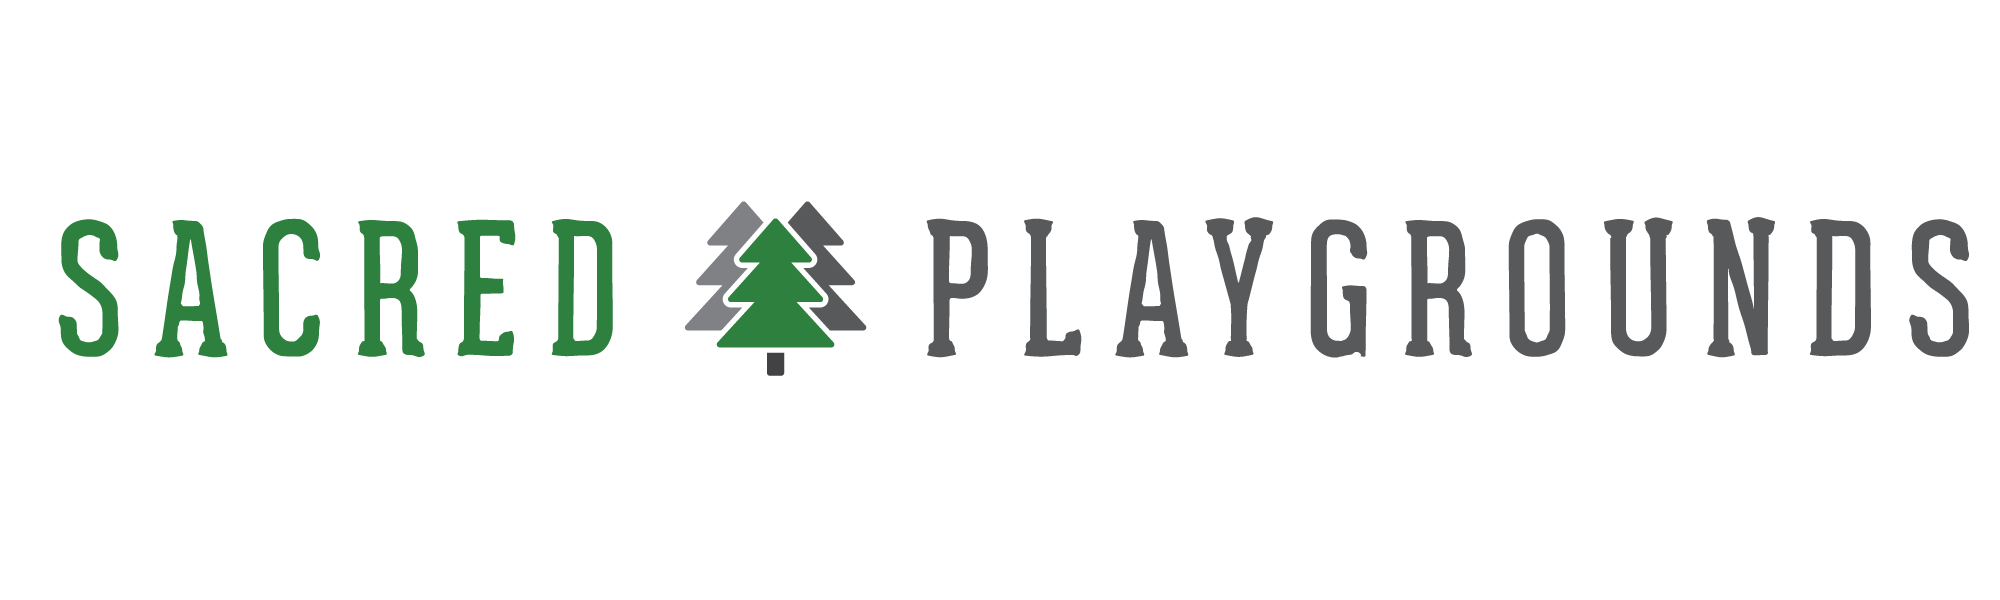 Sacred Playgrounds, LLC